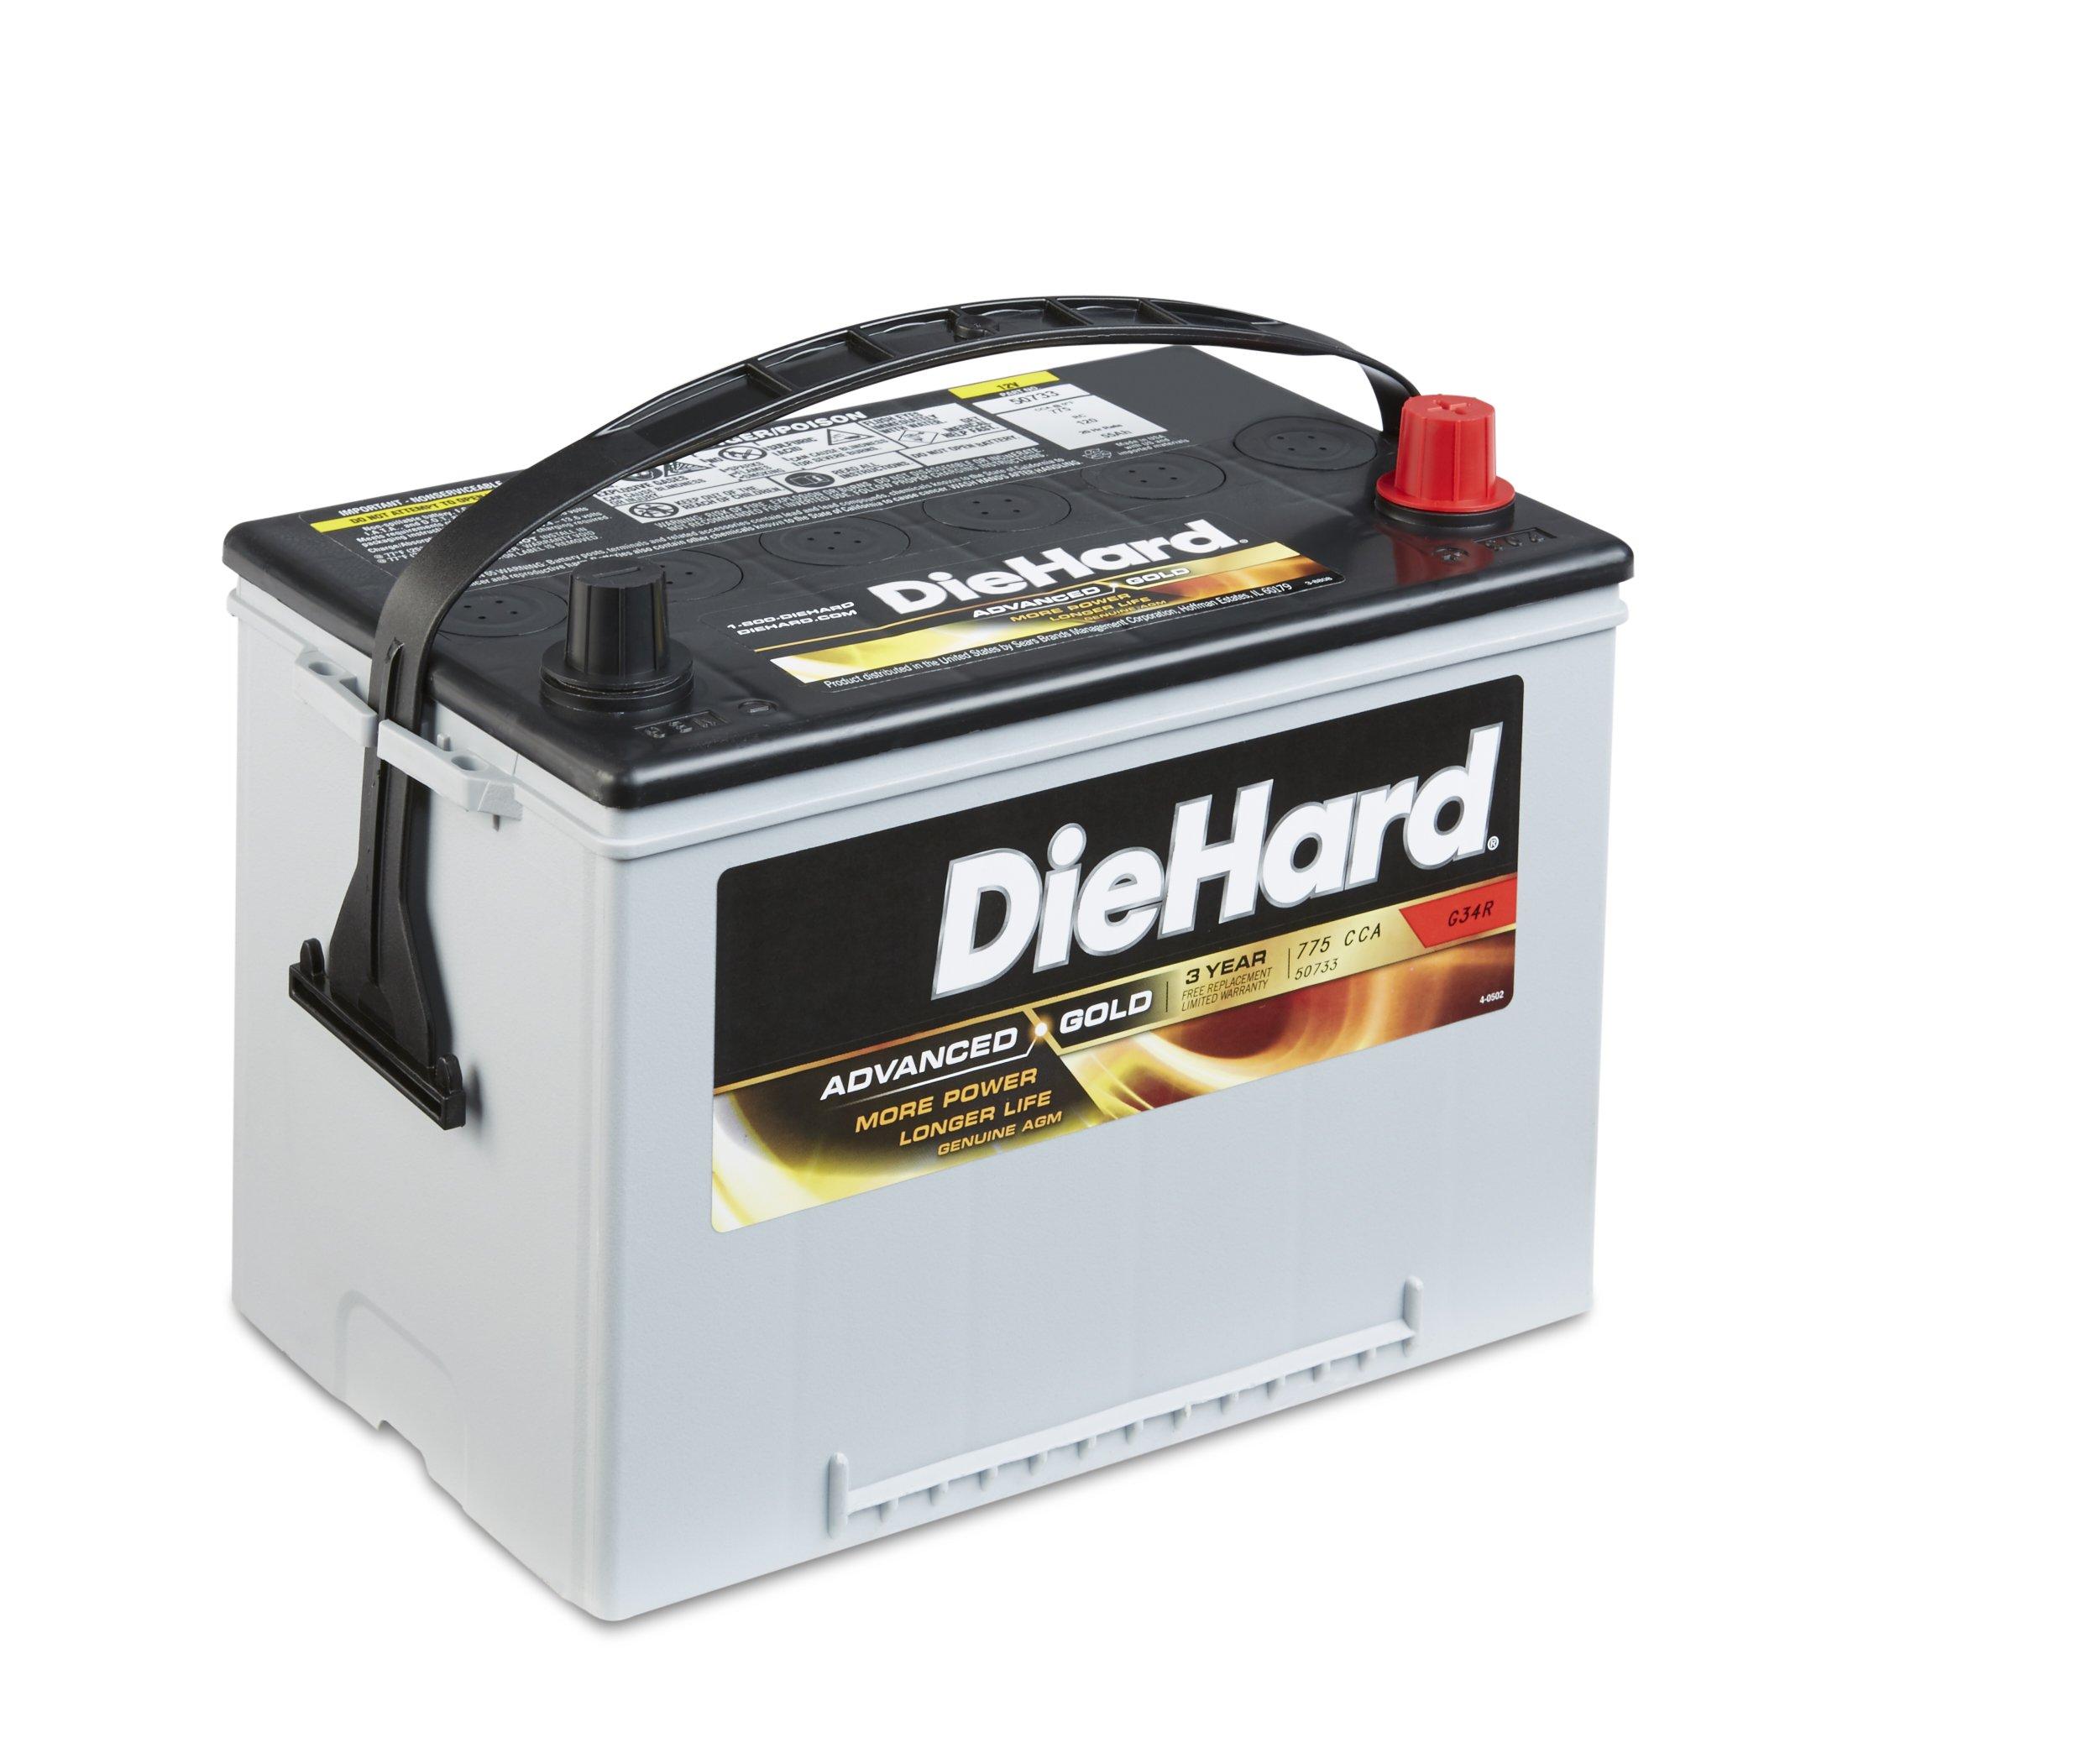 DieHard 38188 Advanced Gold AGM Battery (GP 34R)